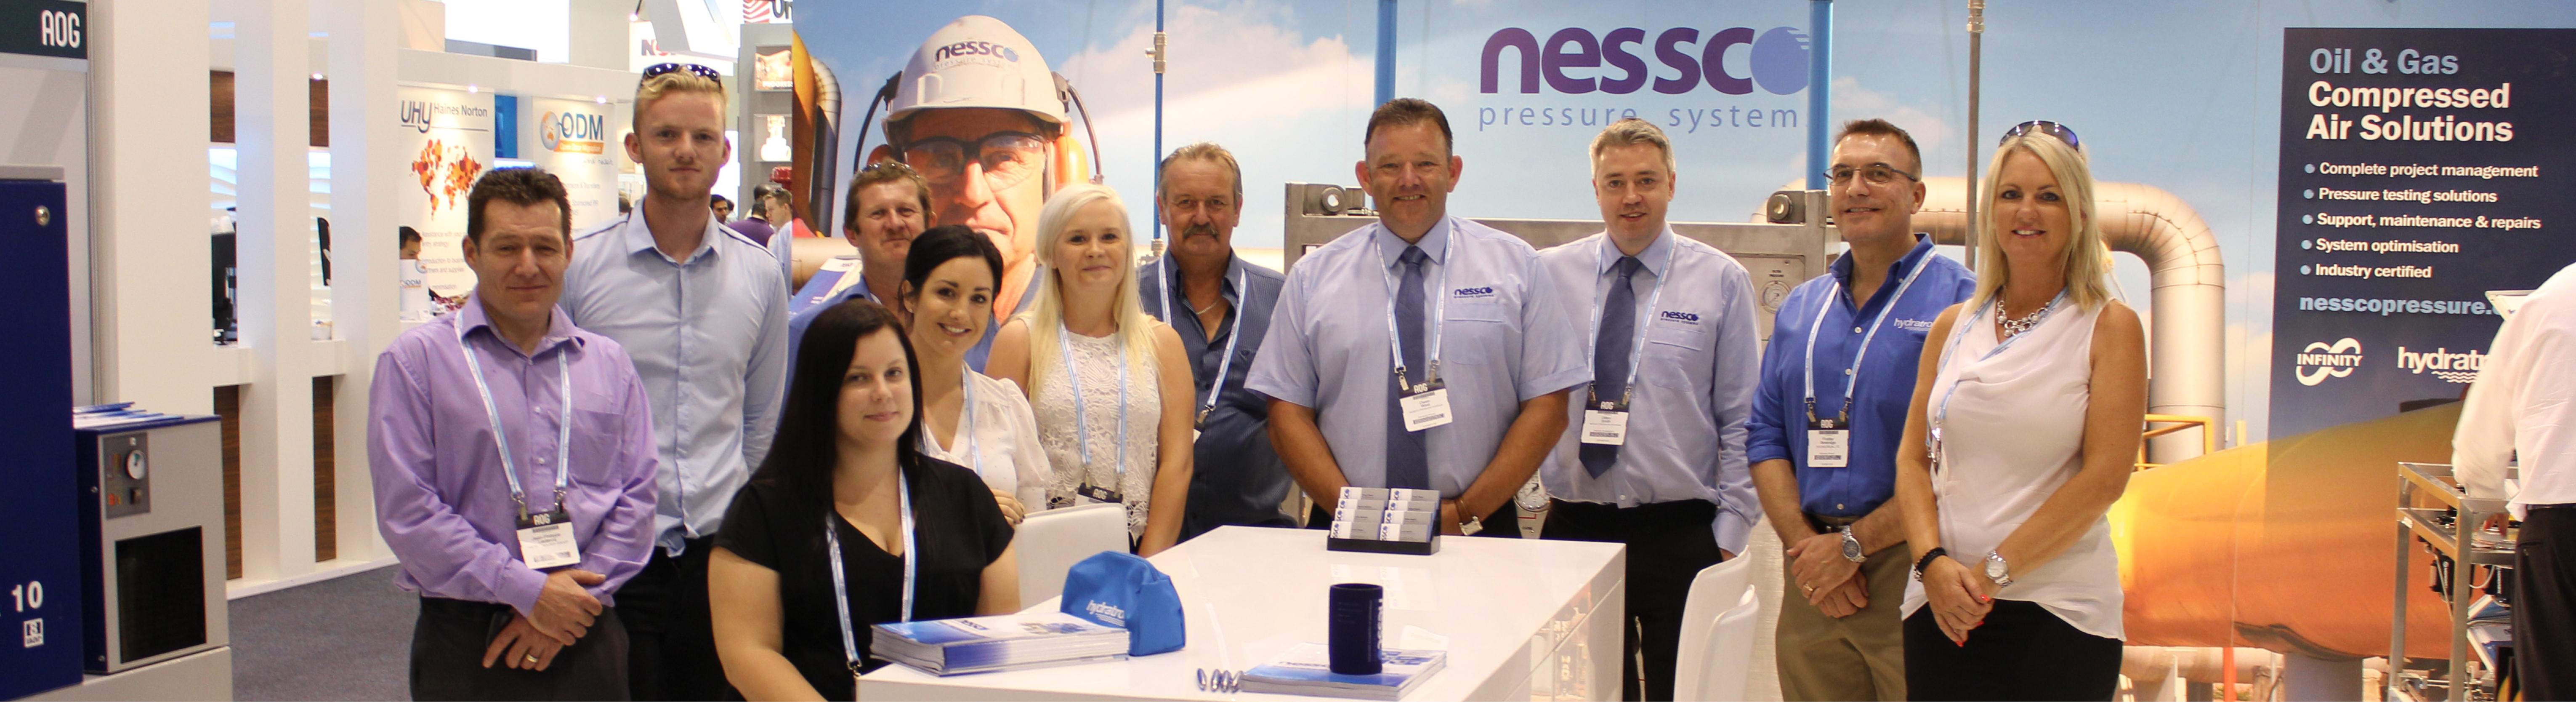 AOG 2015 Nessco pressure systems